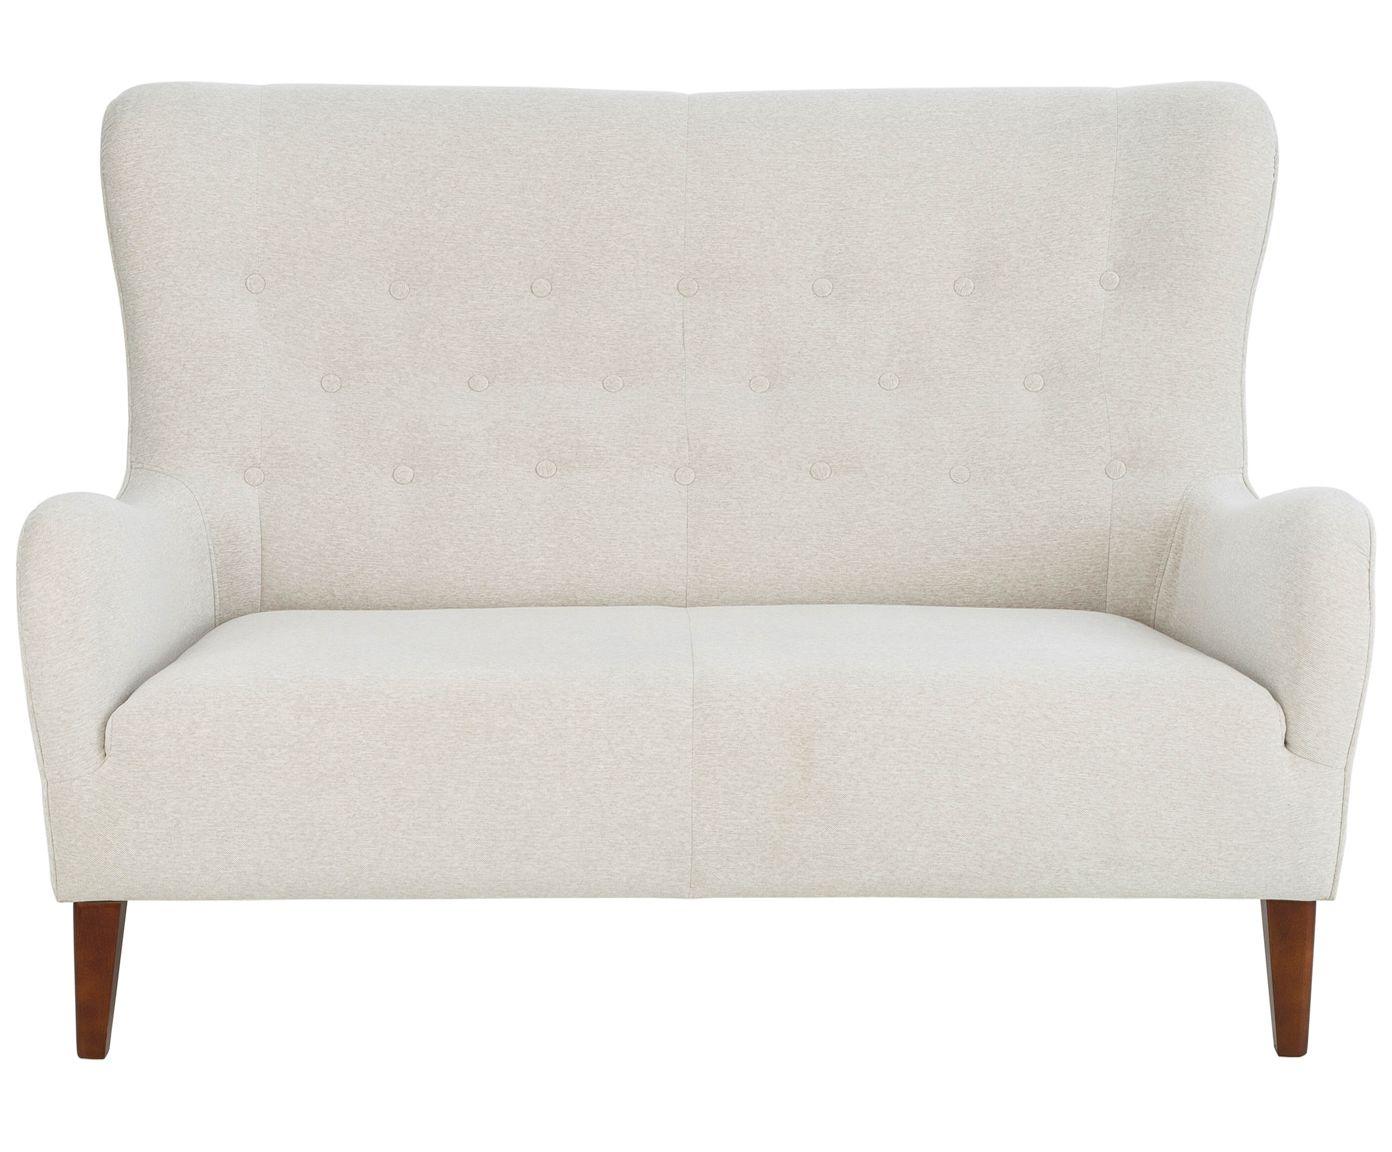 Entspannen Mit Stil Dieses Elegante Sofa In Creme Fugt Sich Mit